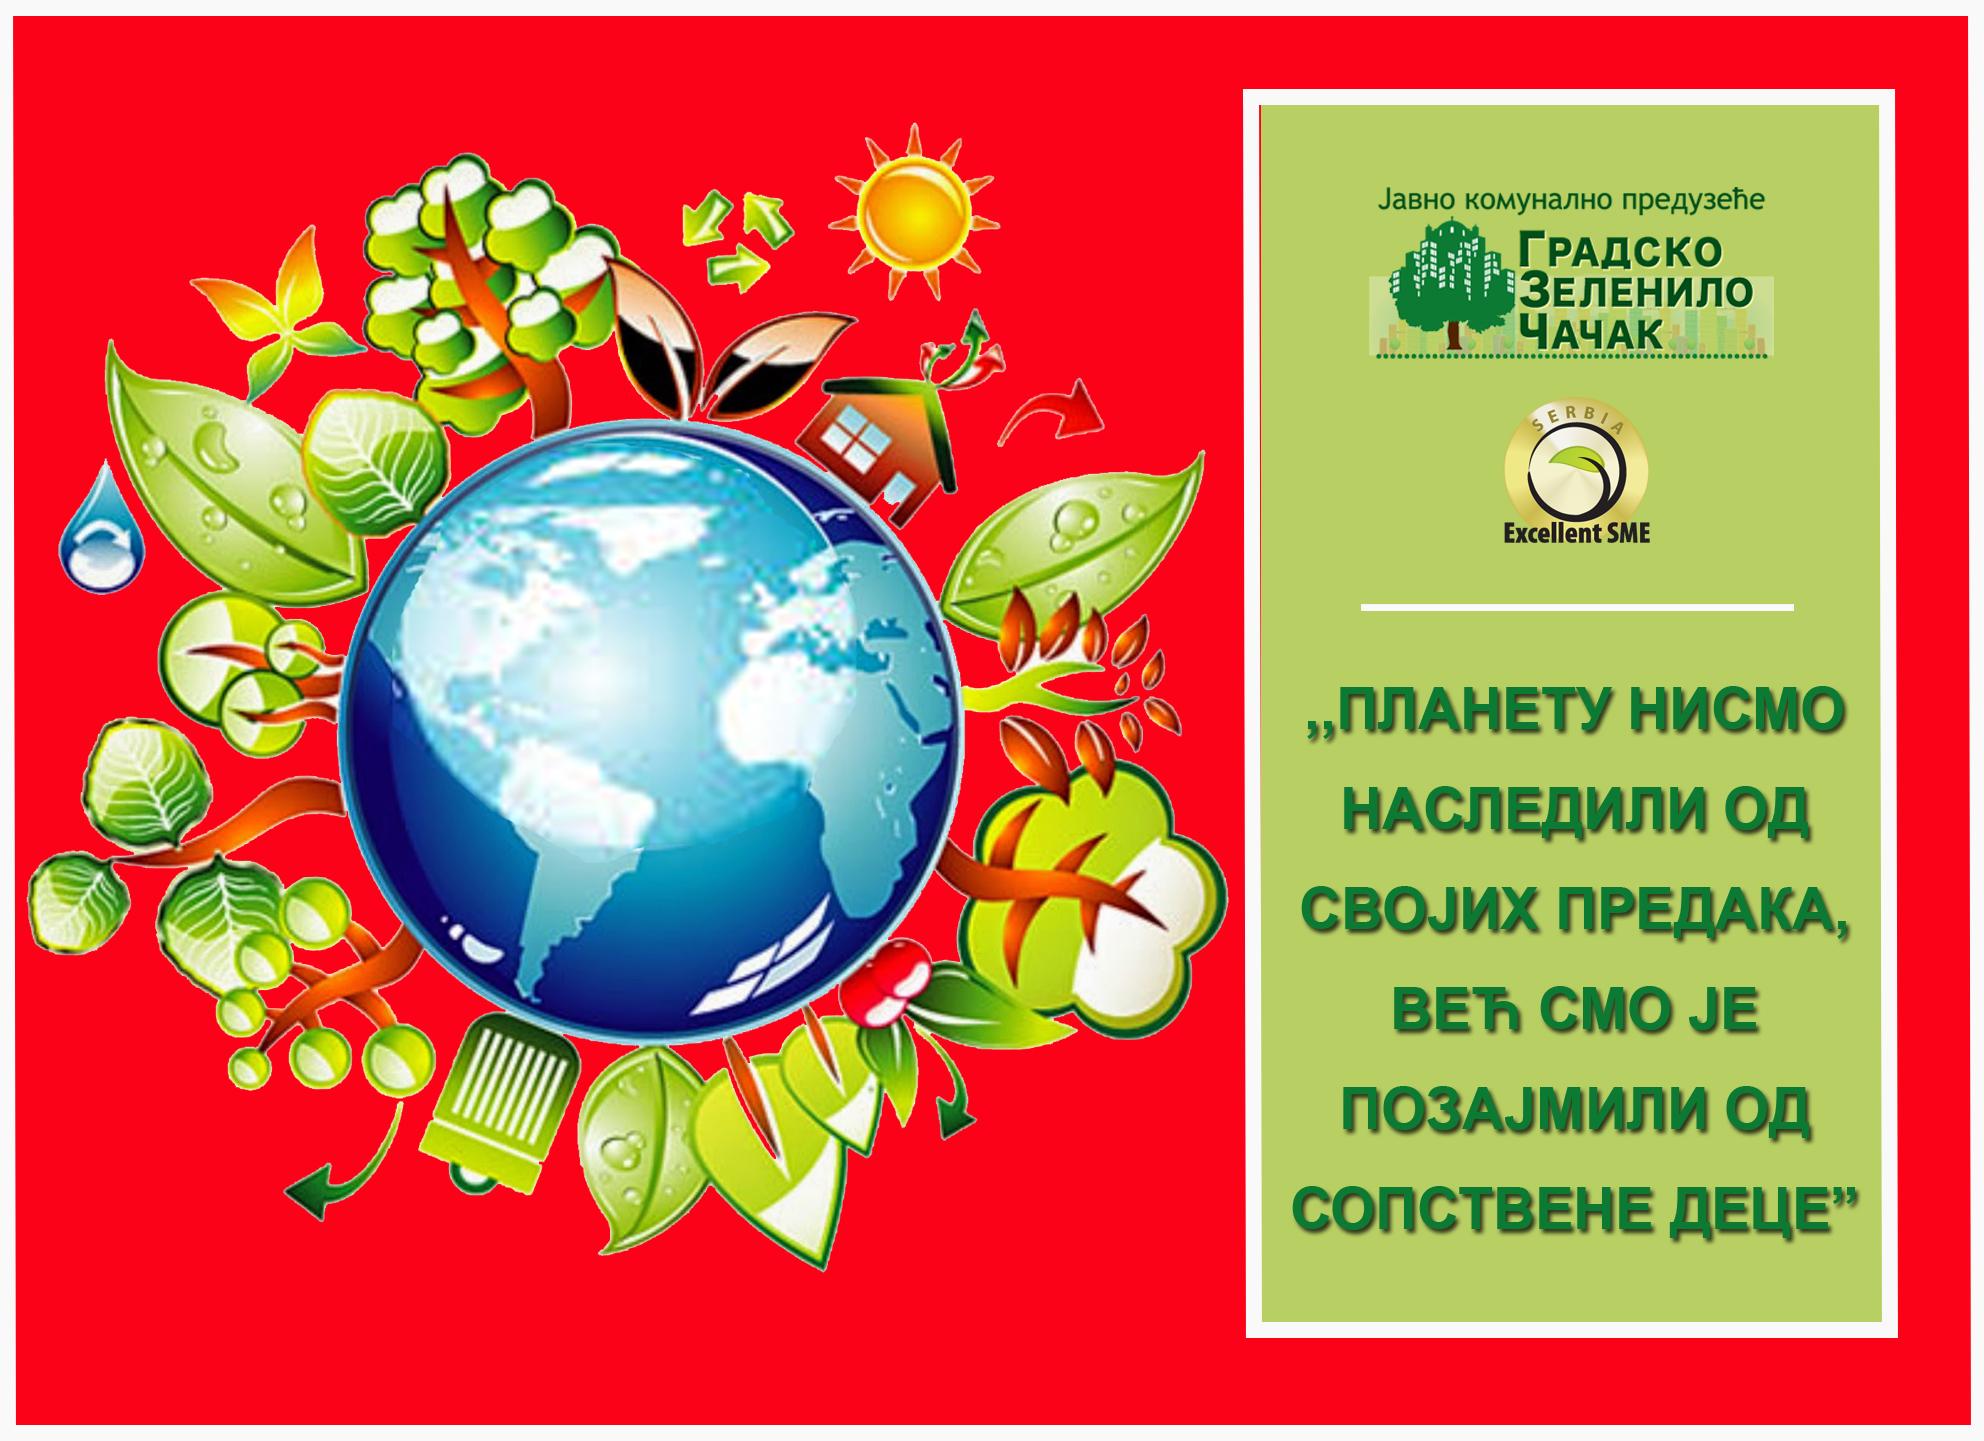 Дан планете Земље